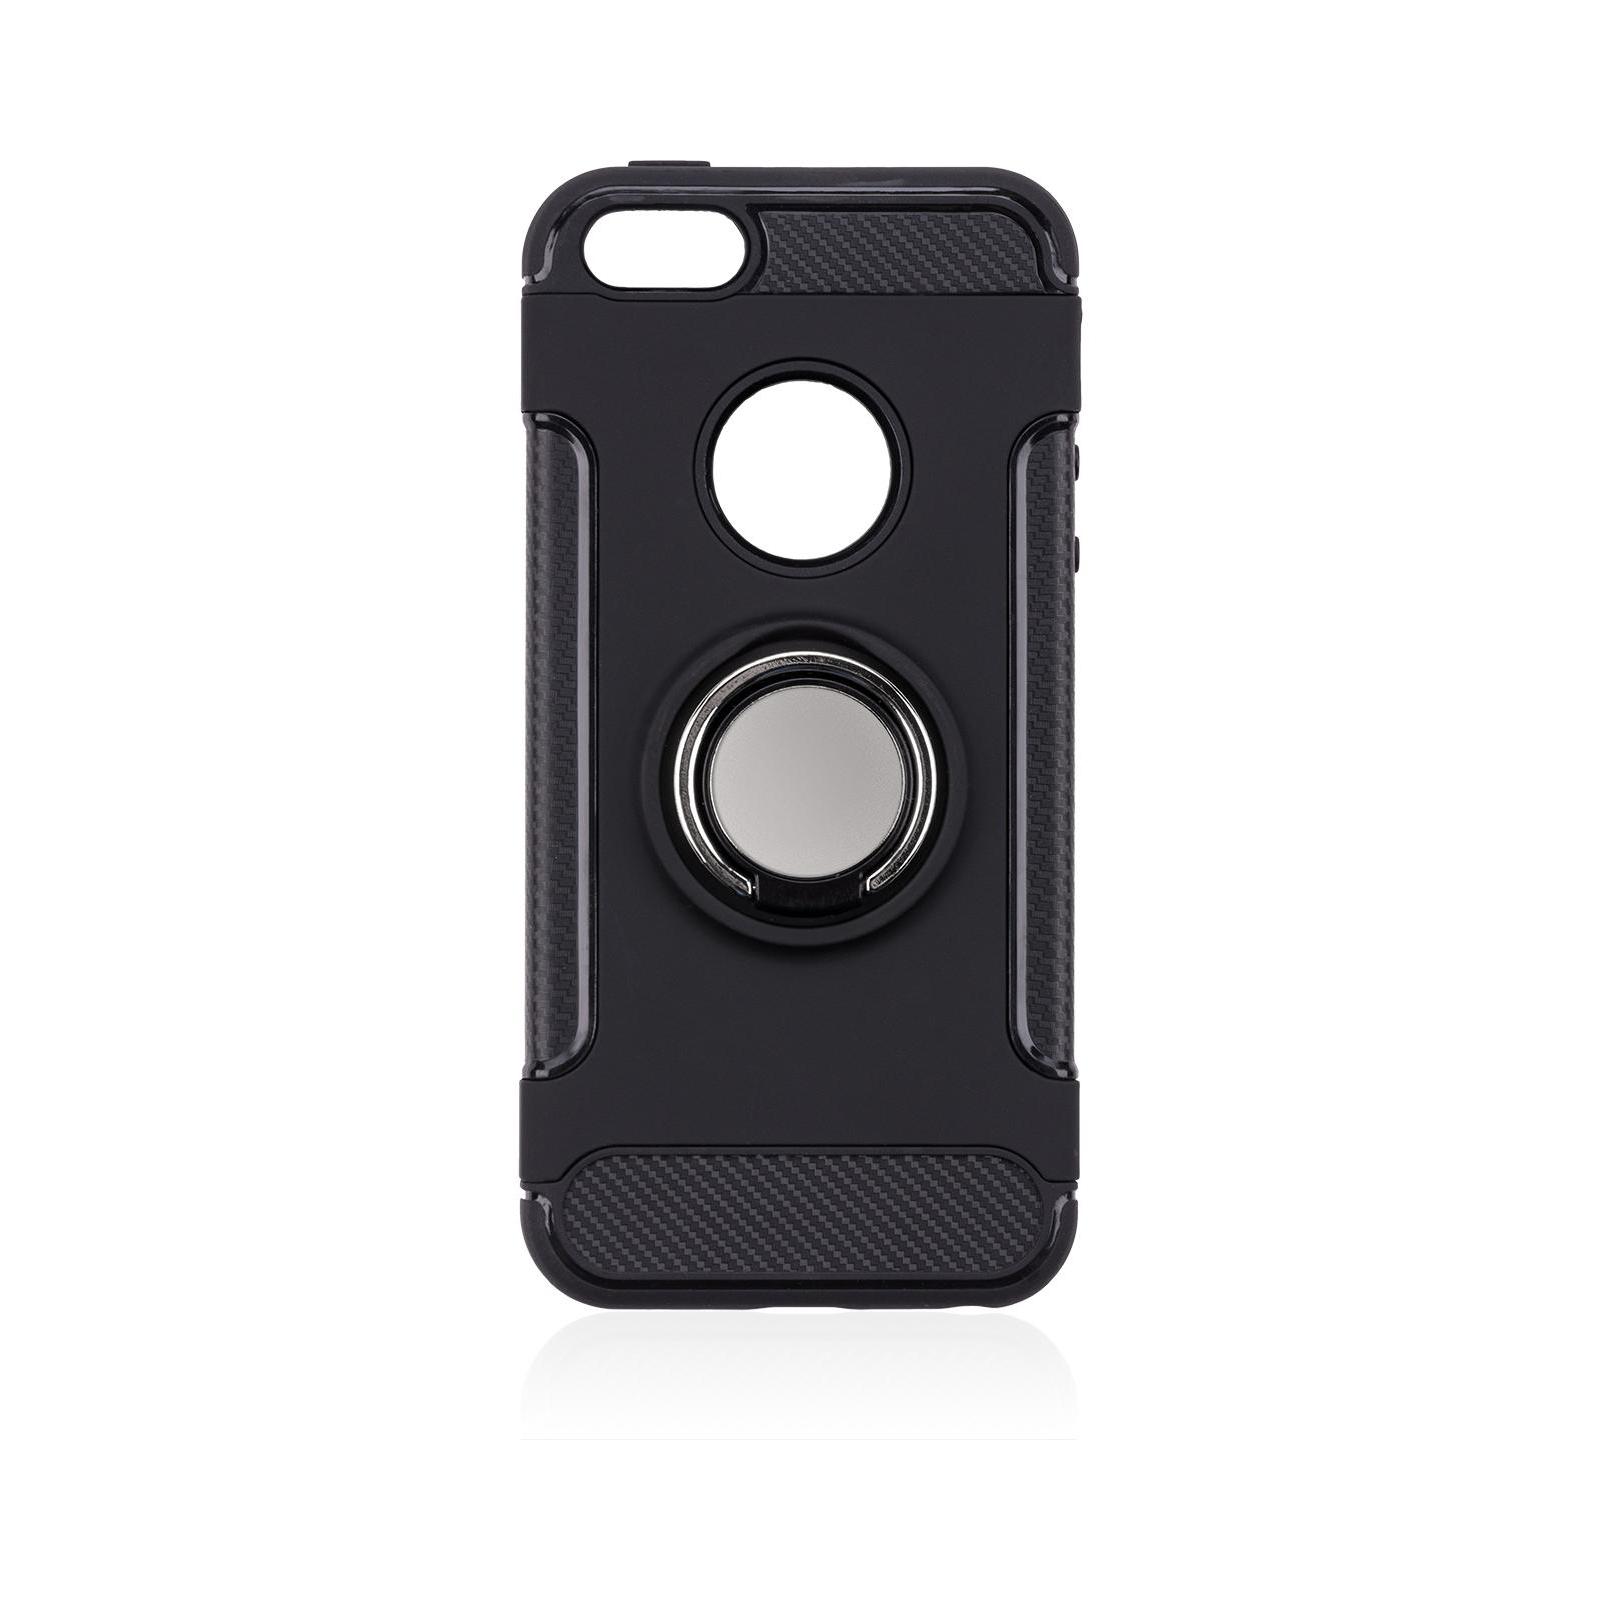 Чехол для моб. телефона Laudtec для iPhone 5/SE Ring stand (black) (LR-PCI5SE) изображение 8